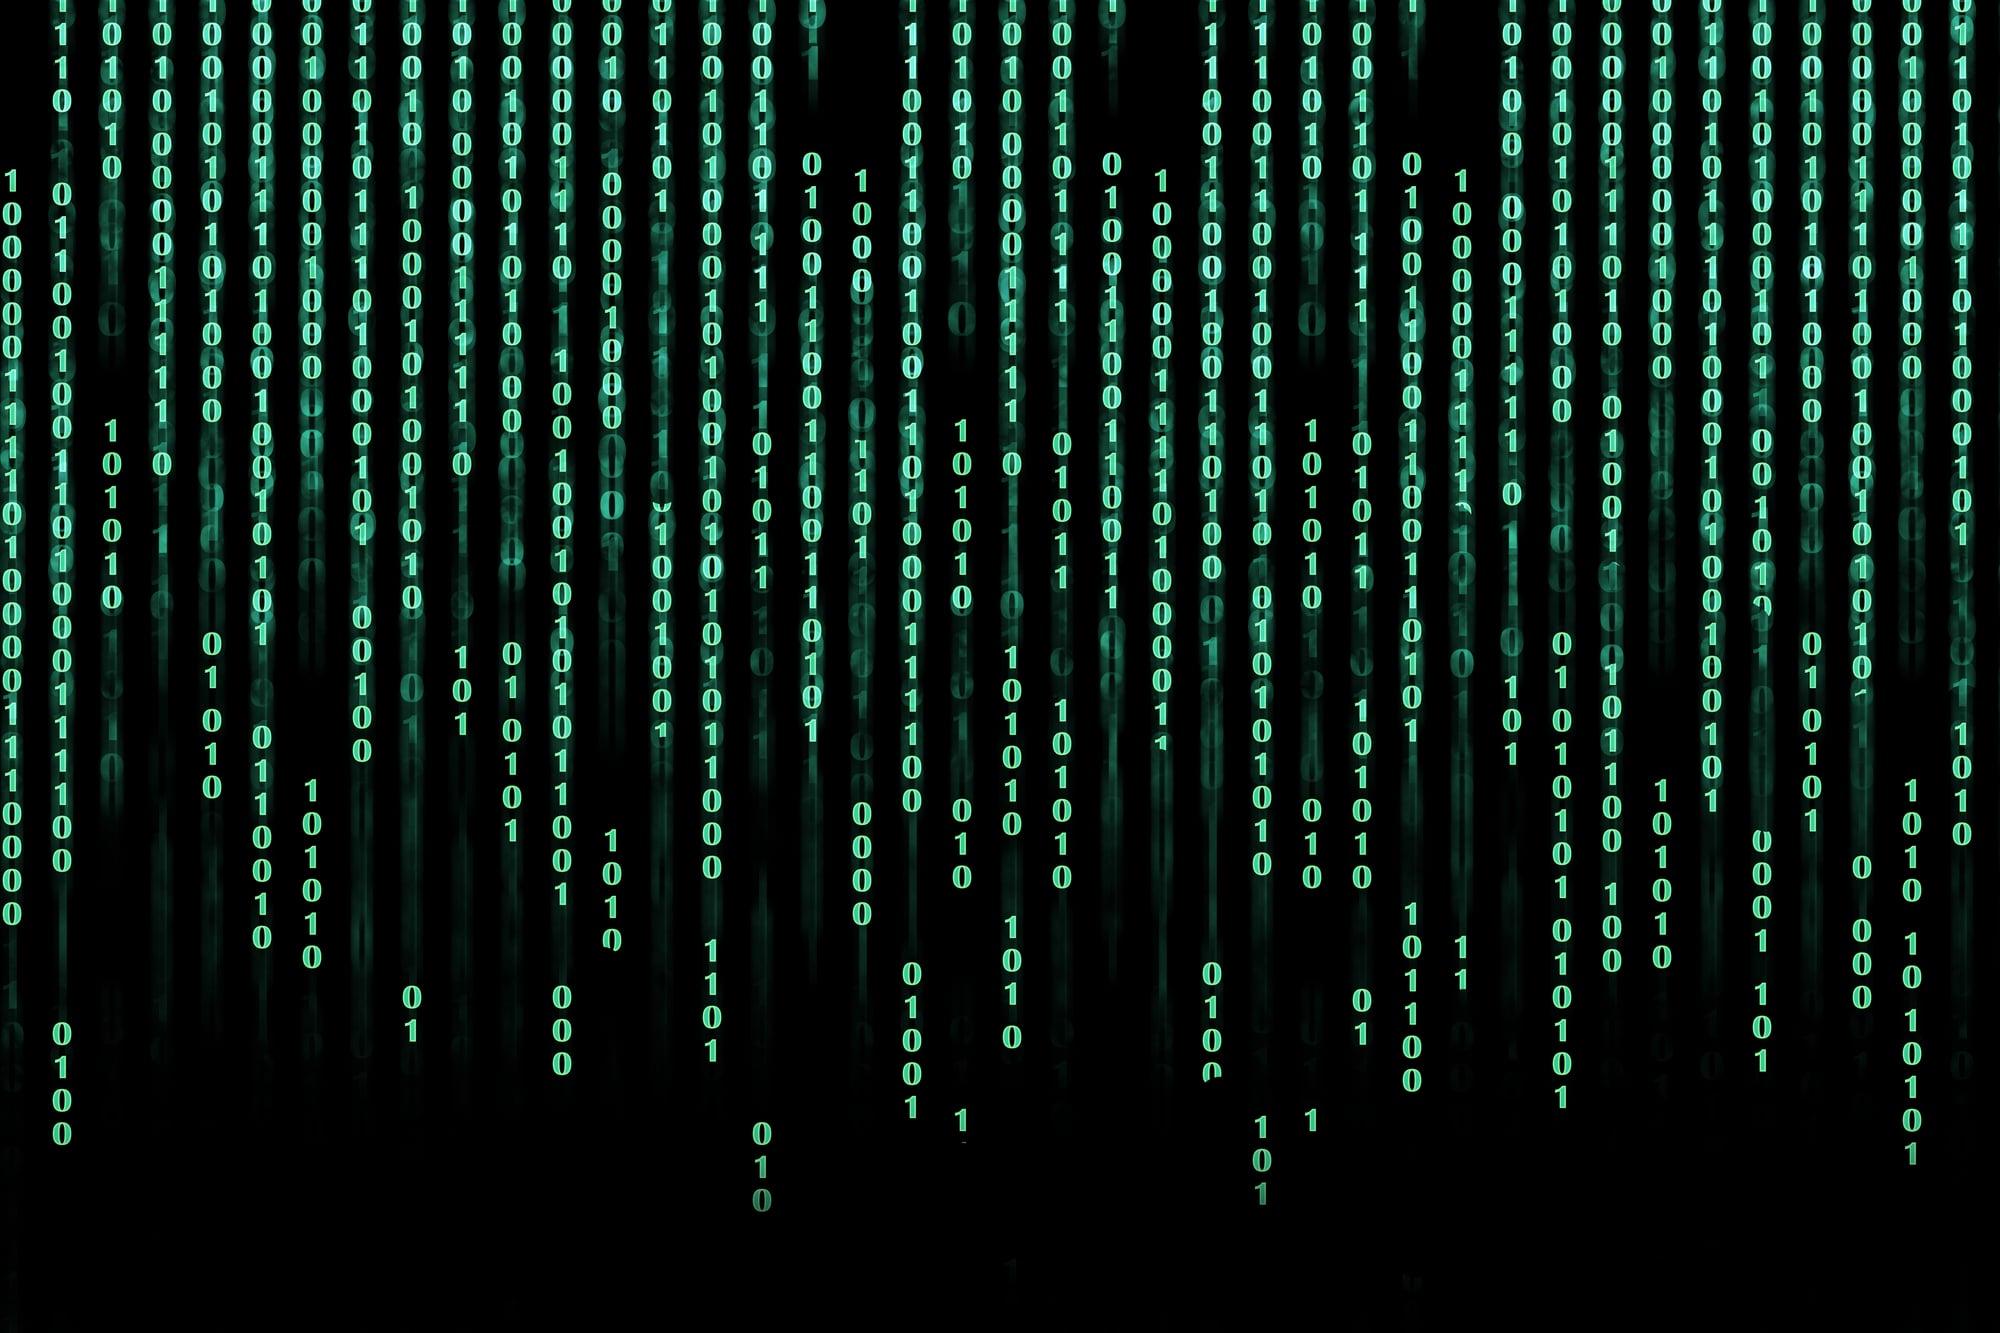 Стало известно возможное название фильма «Матрица 4»